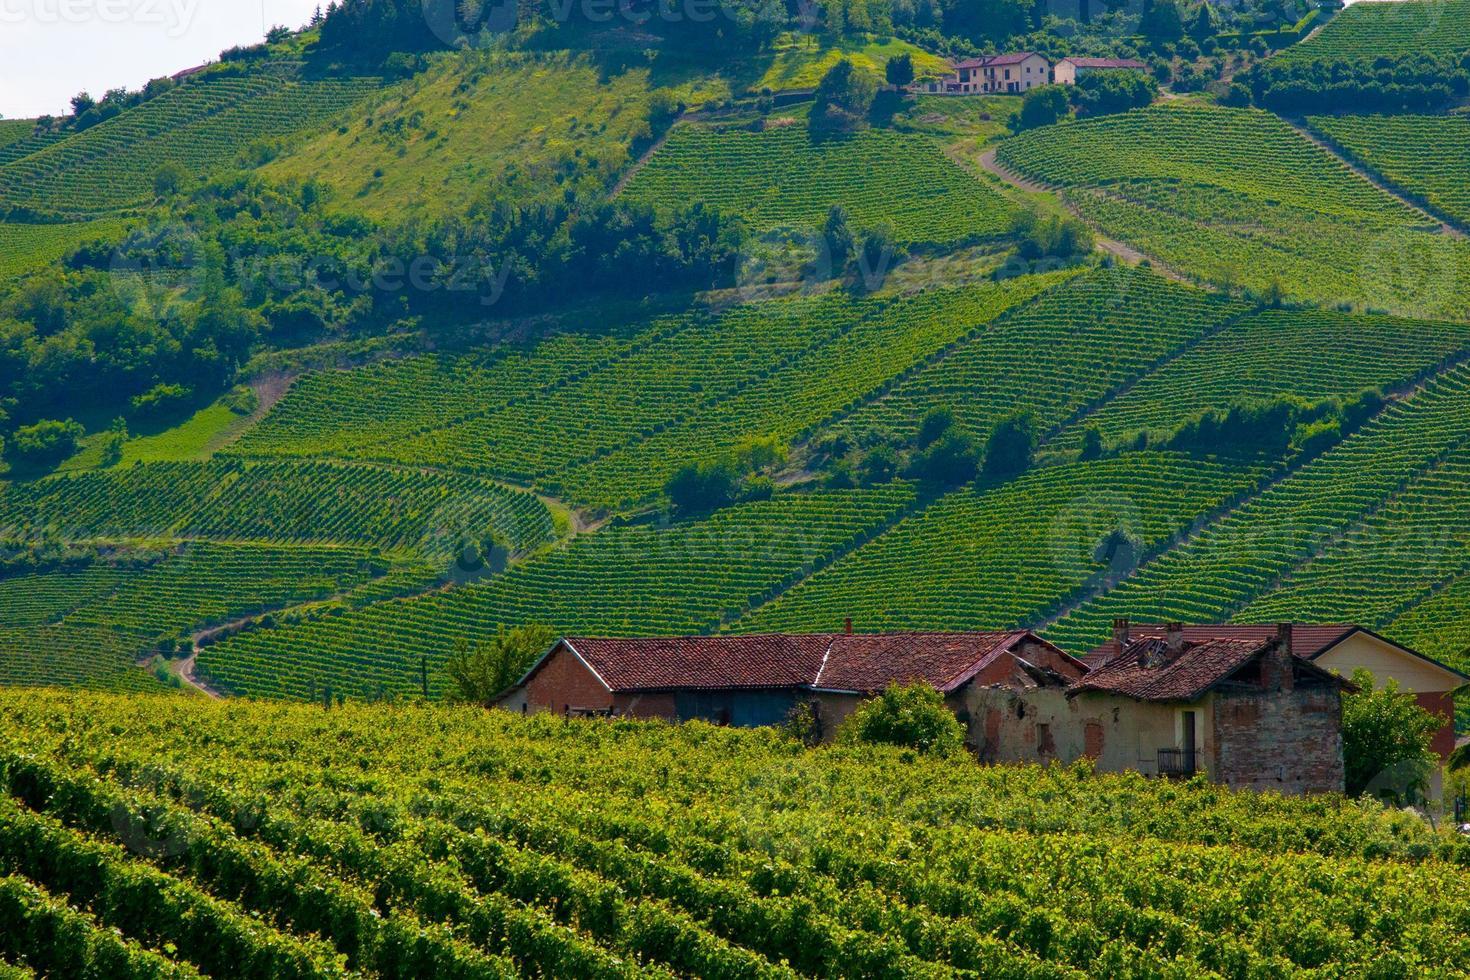 campos de vinho foto